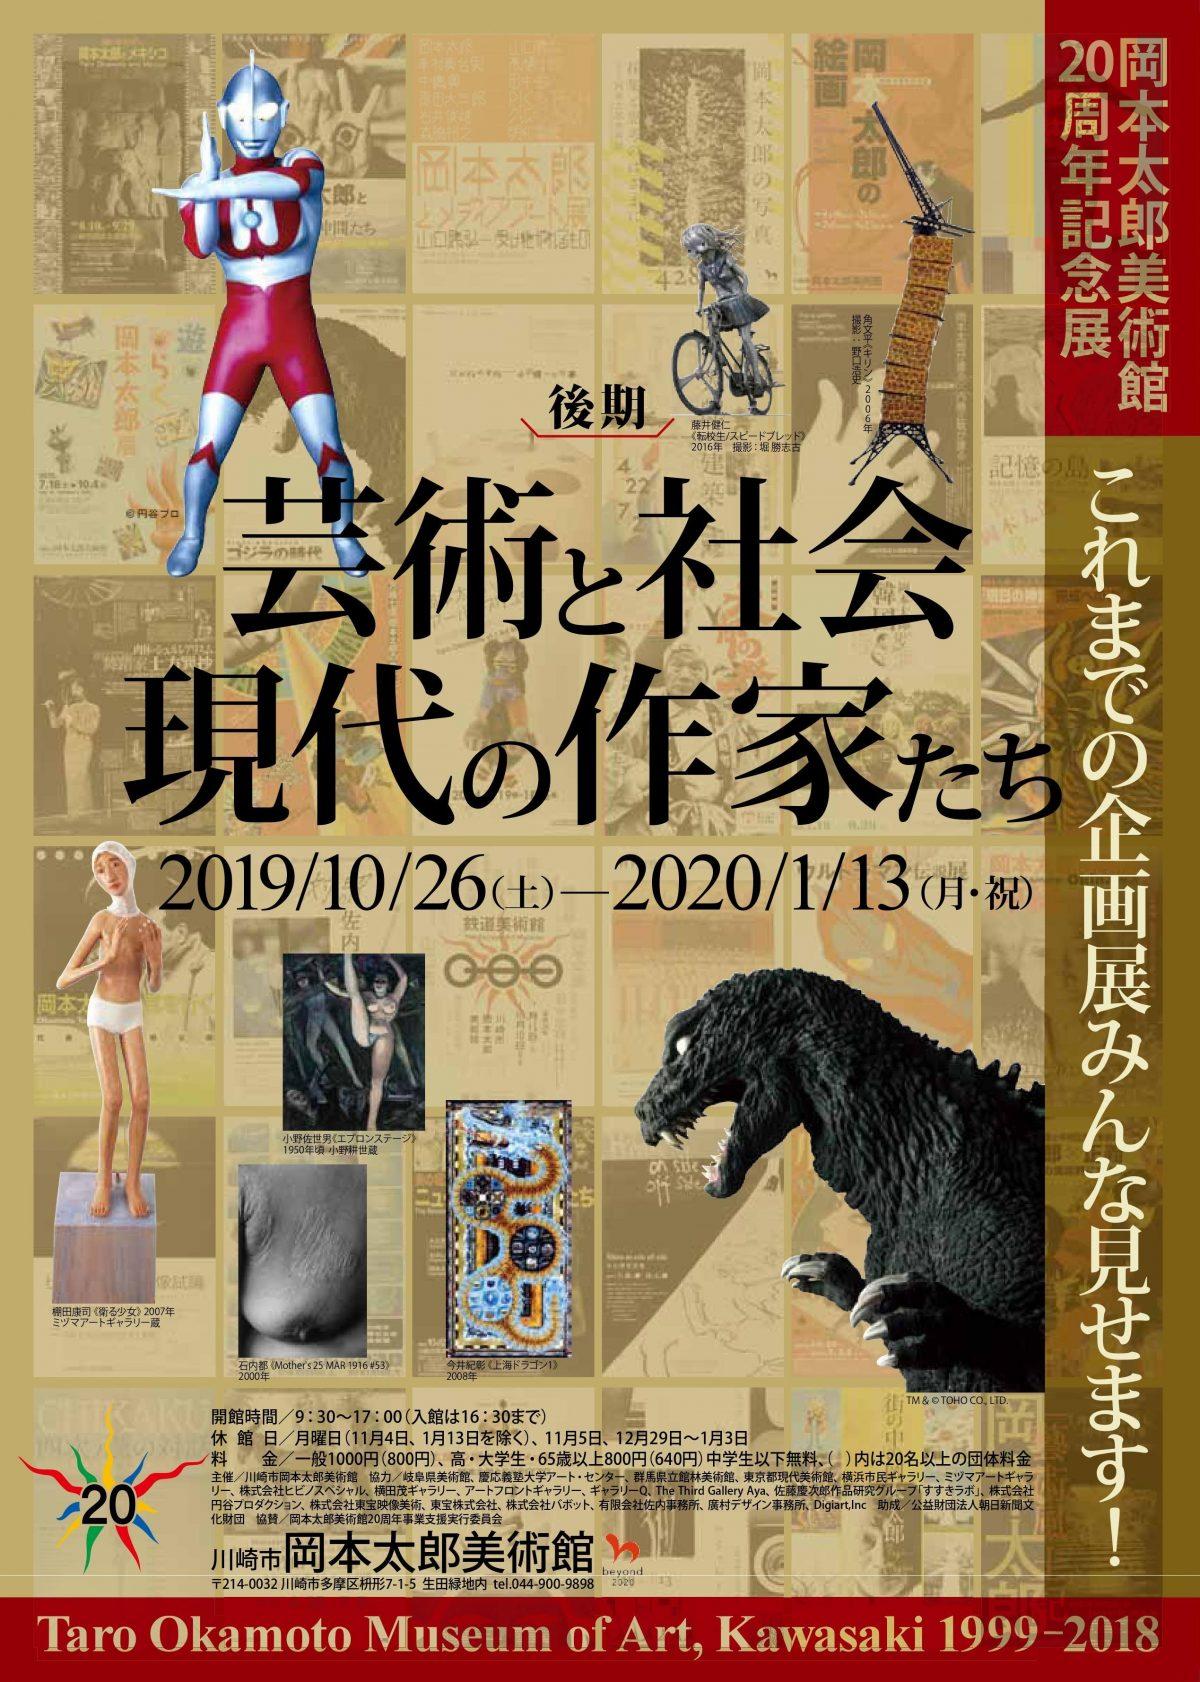 ゴジラ、ウルトラマンが登場!岡本太郎美術館20周年記念展 これまでの企画展みんな見せます!後期/芸術と社会・現代の作家たち